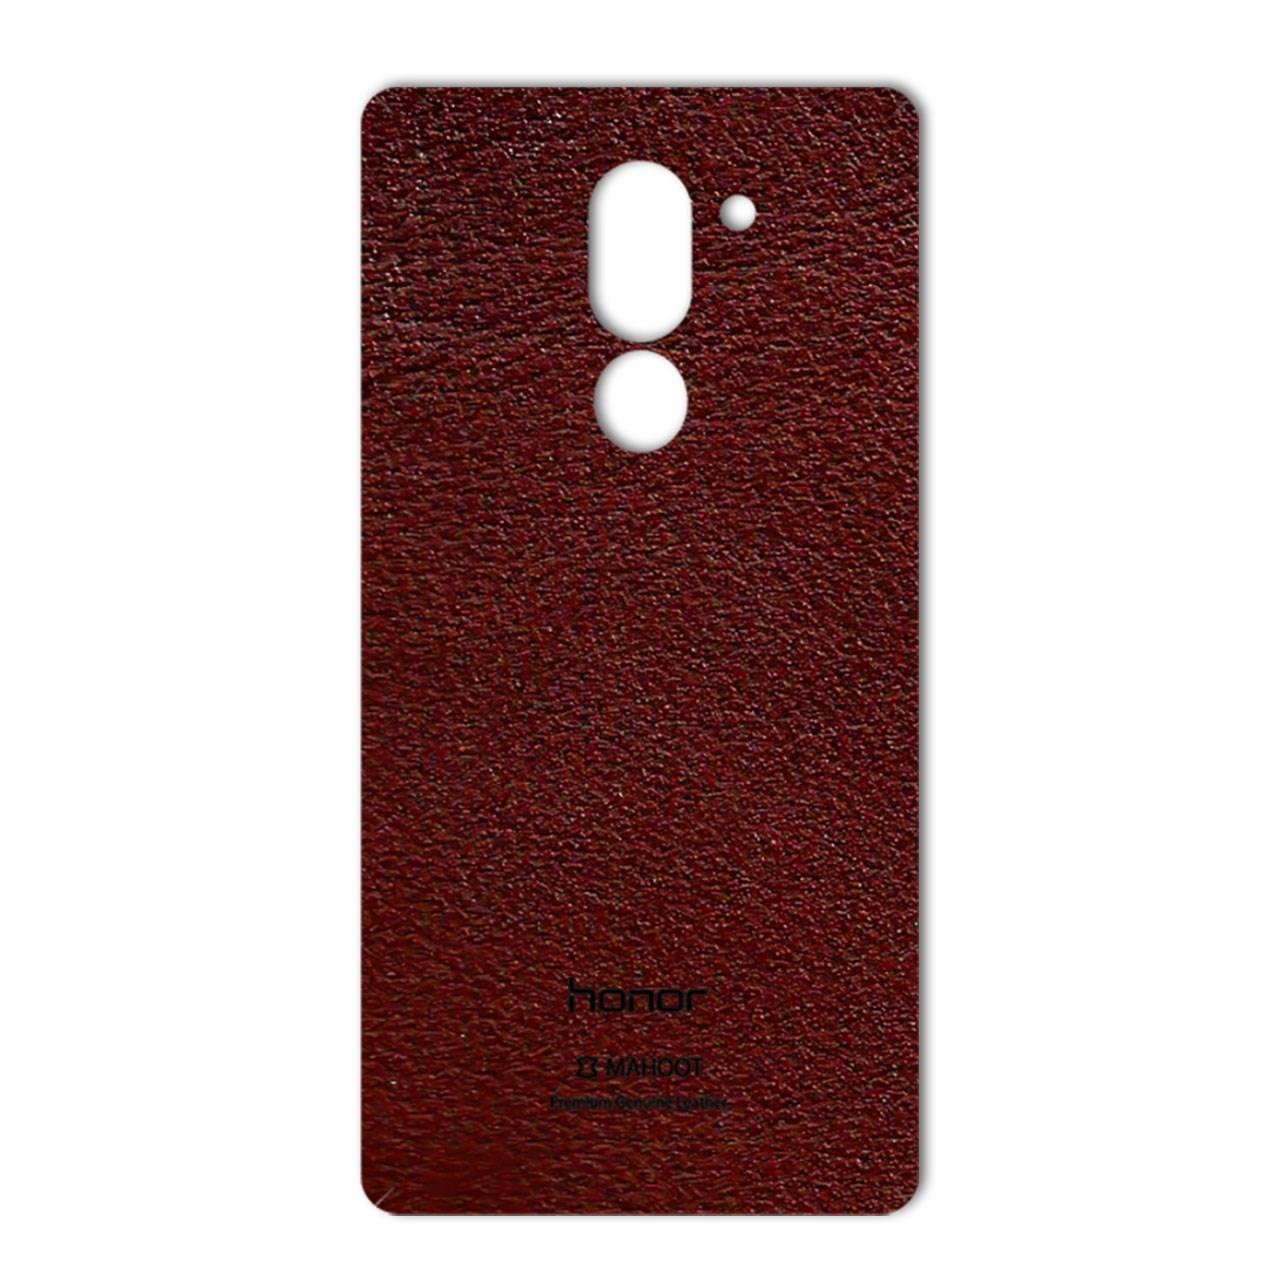 برچسب پوششی ماهوت مدلNatural Leather مناسب برای گوشی  Huawei Honor 6X